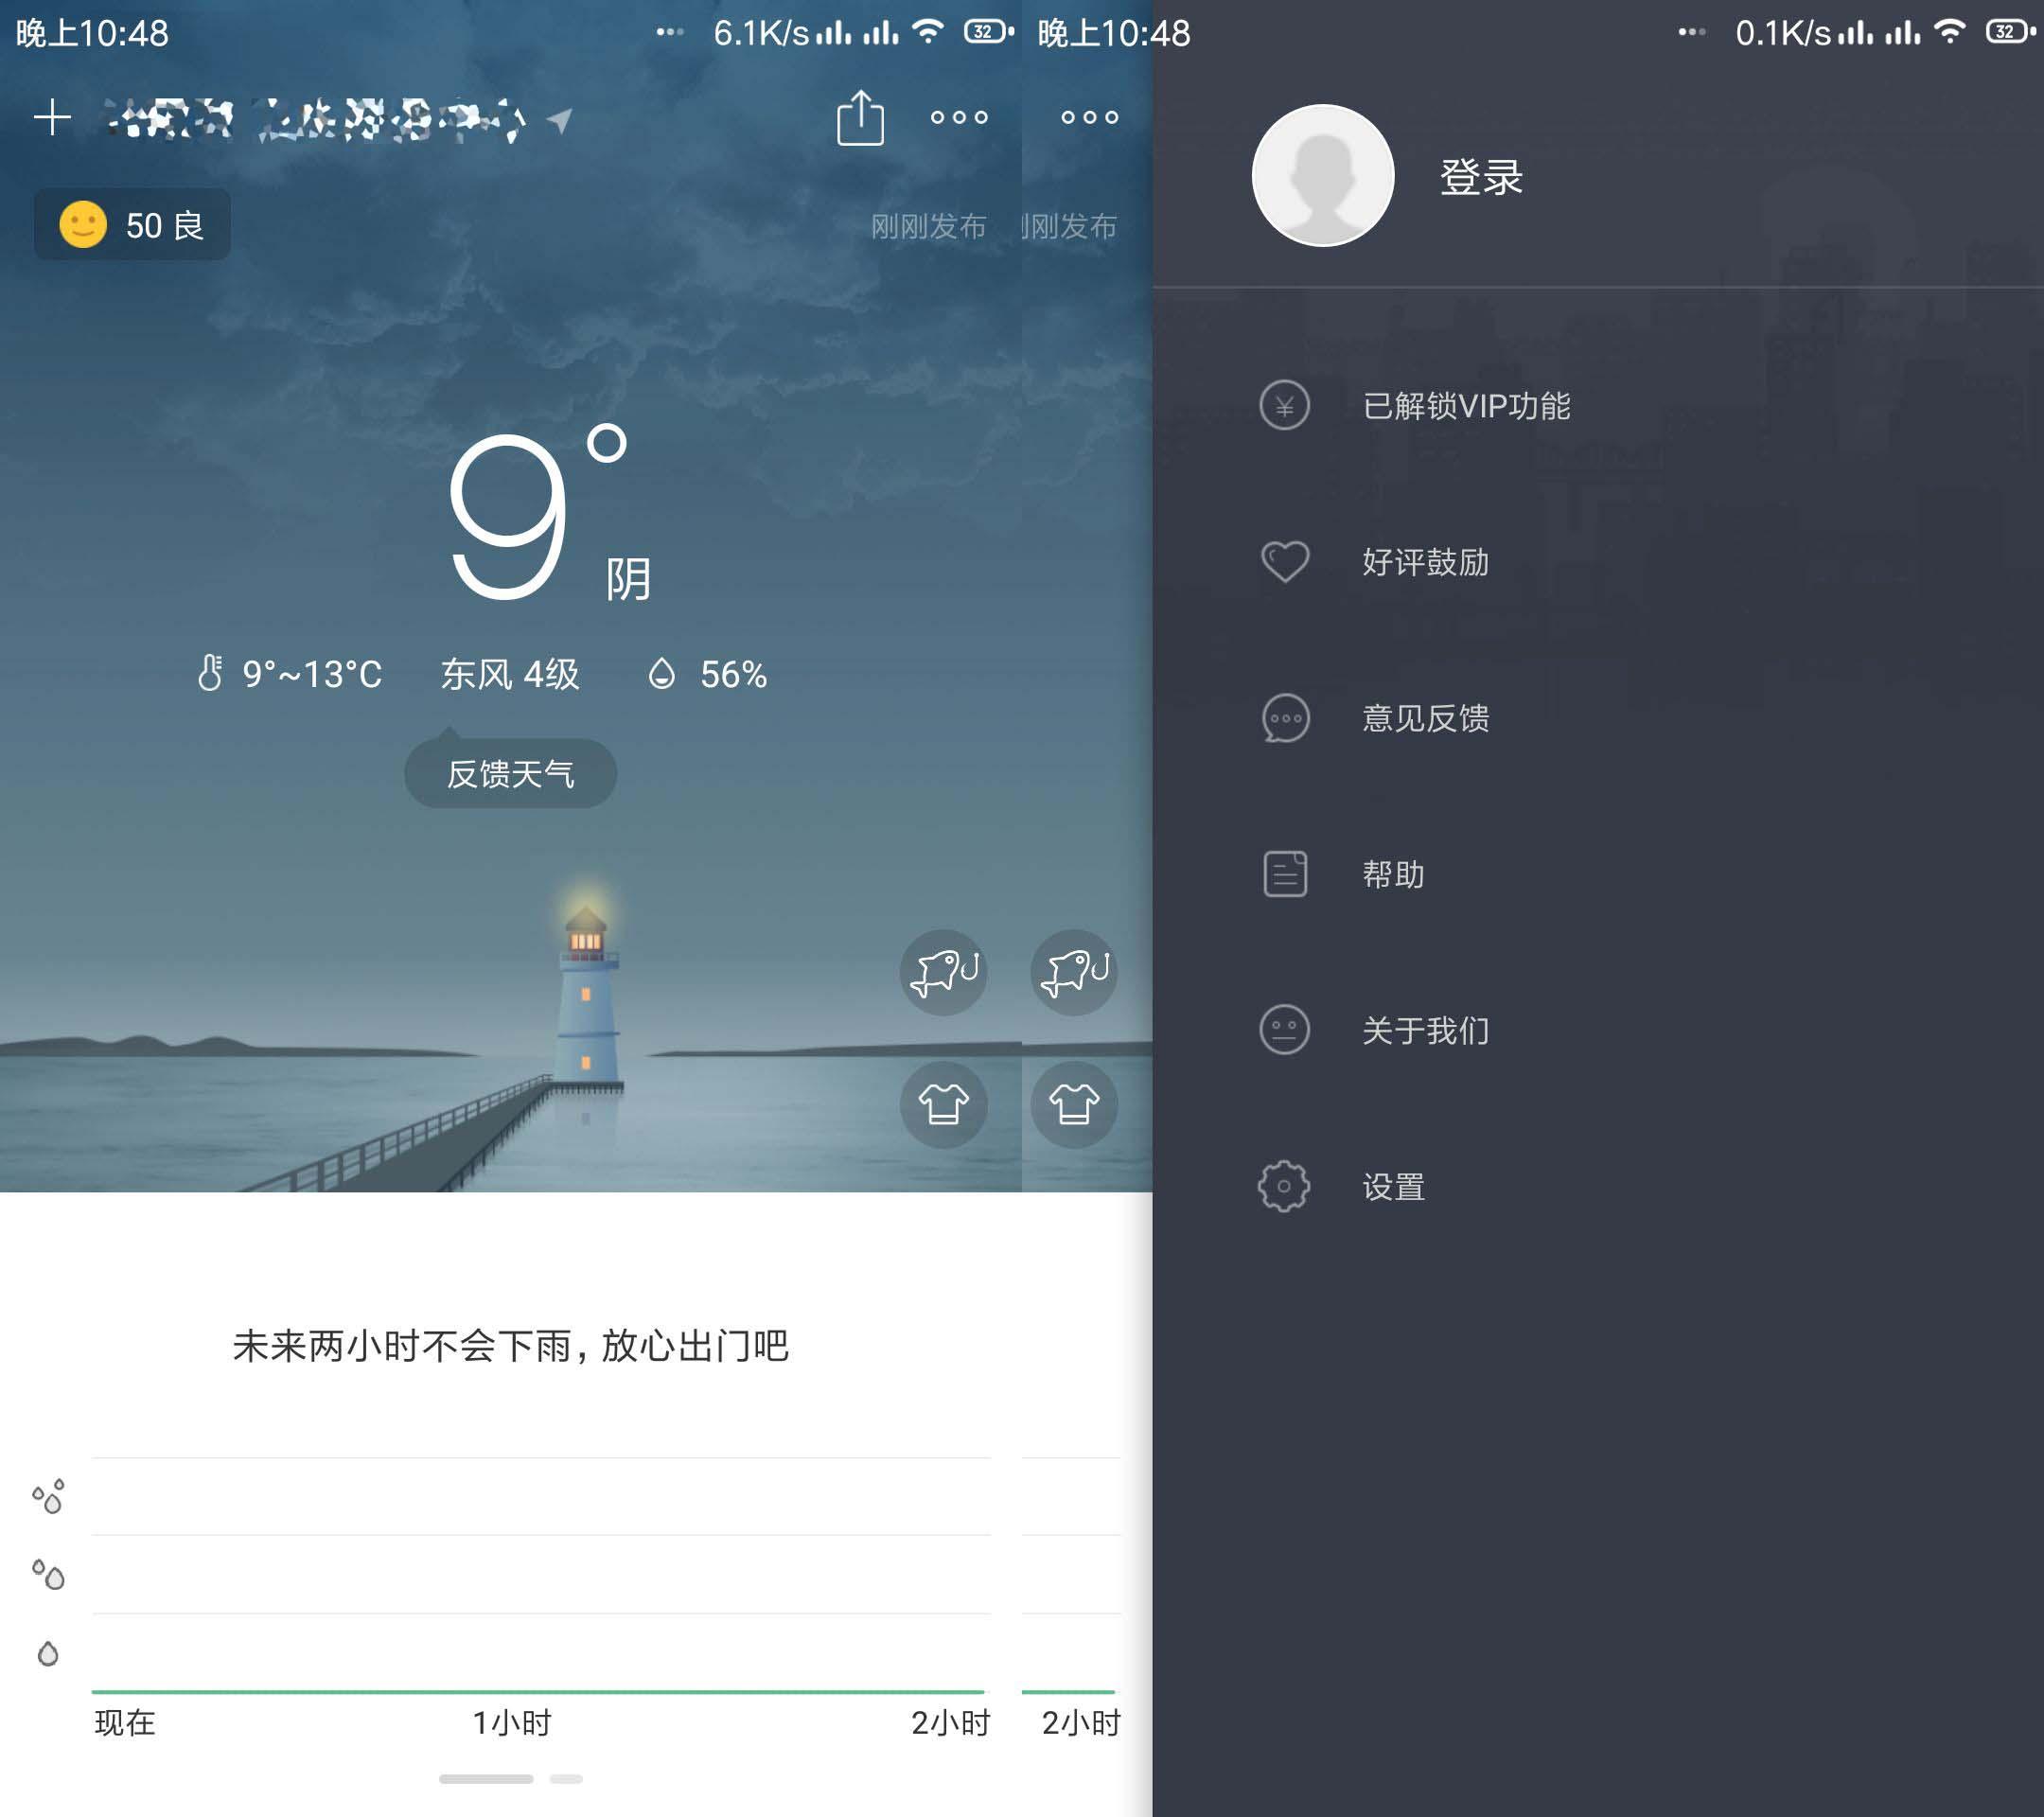 彩云天氣v5.0.11解鎖VIP版 分鐘級降雨預報